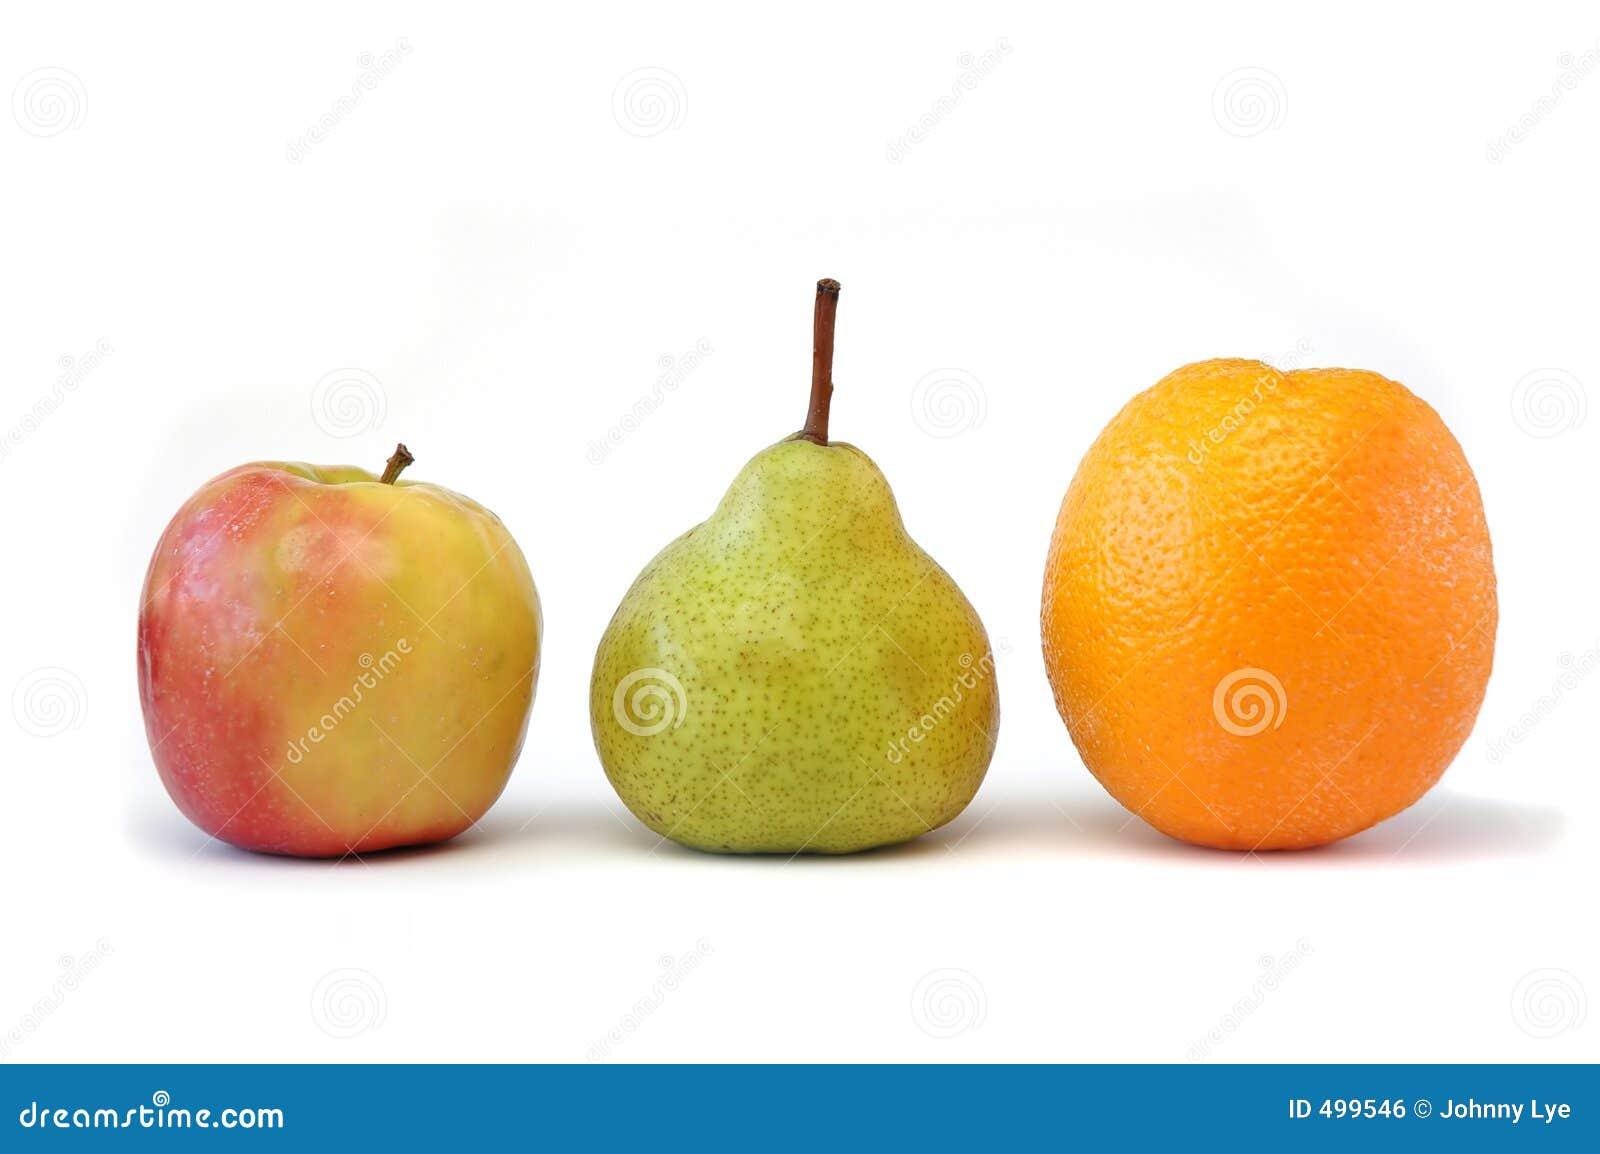 Fruit Series 2